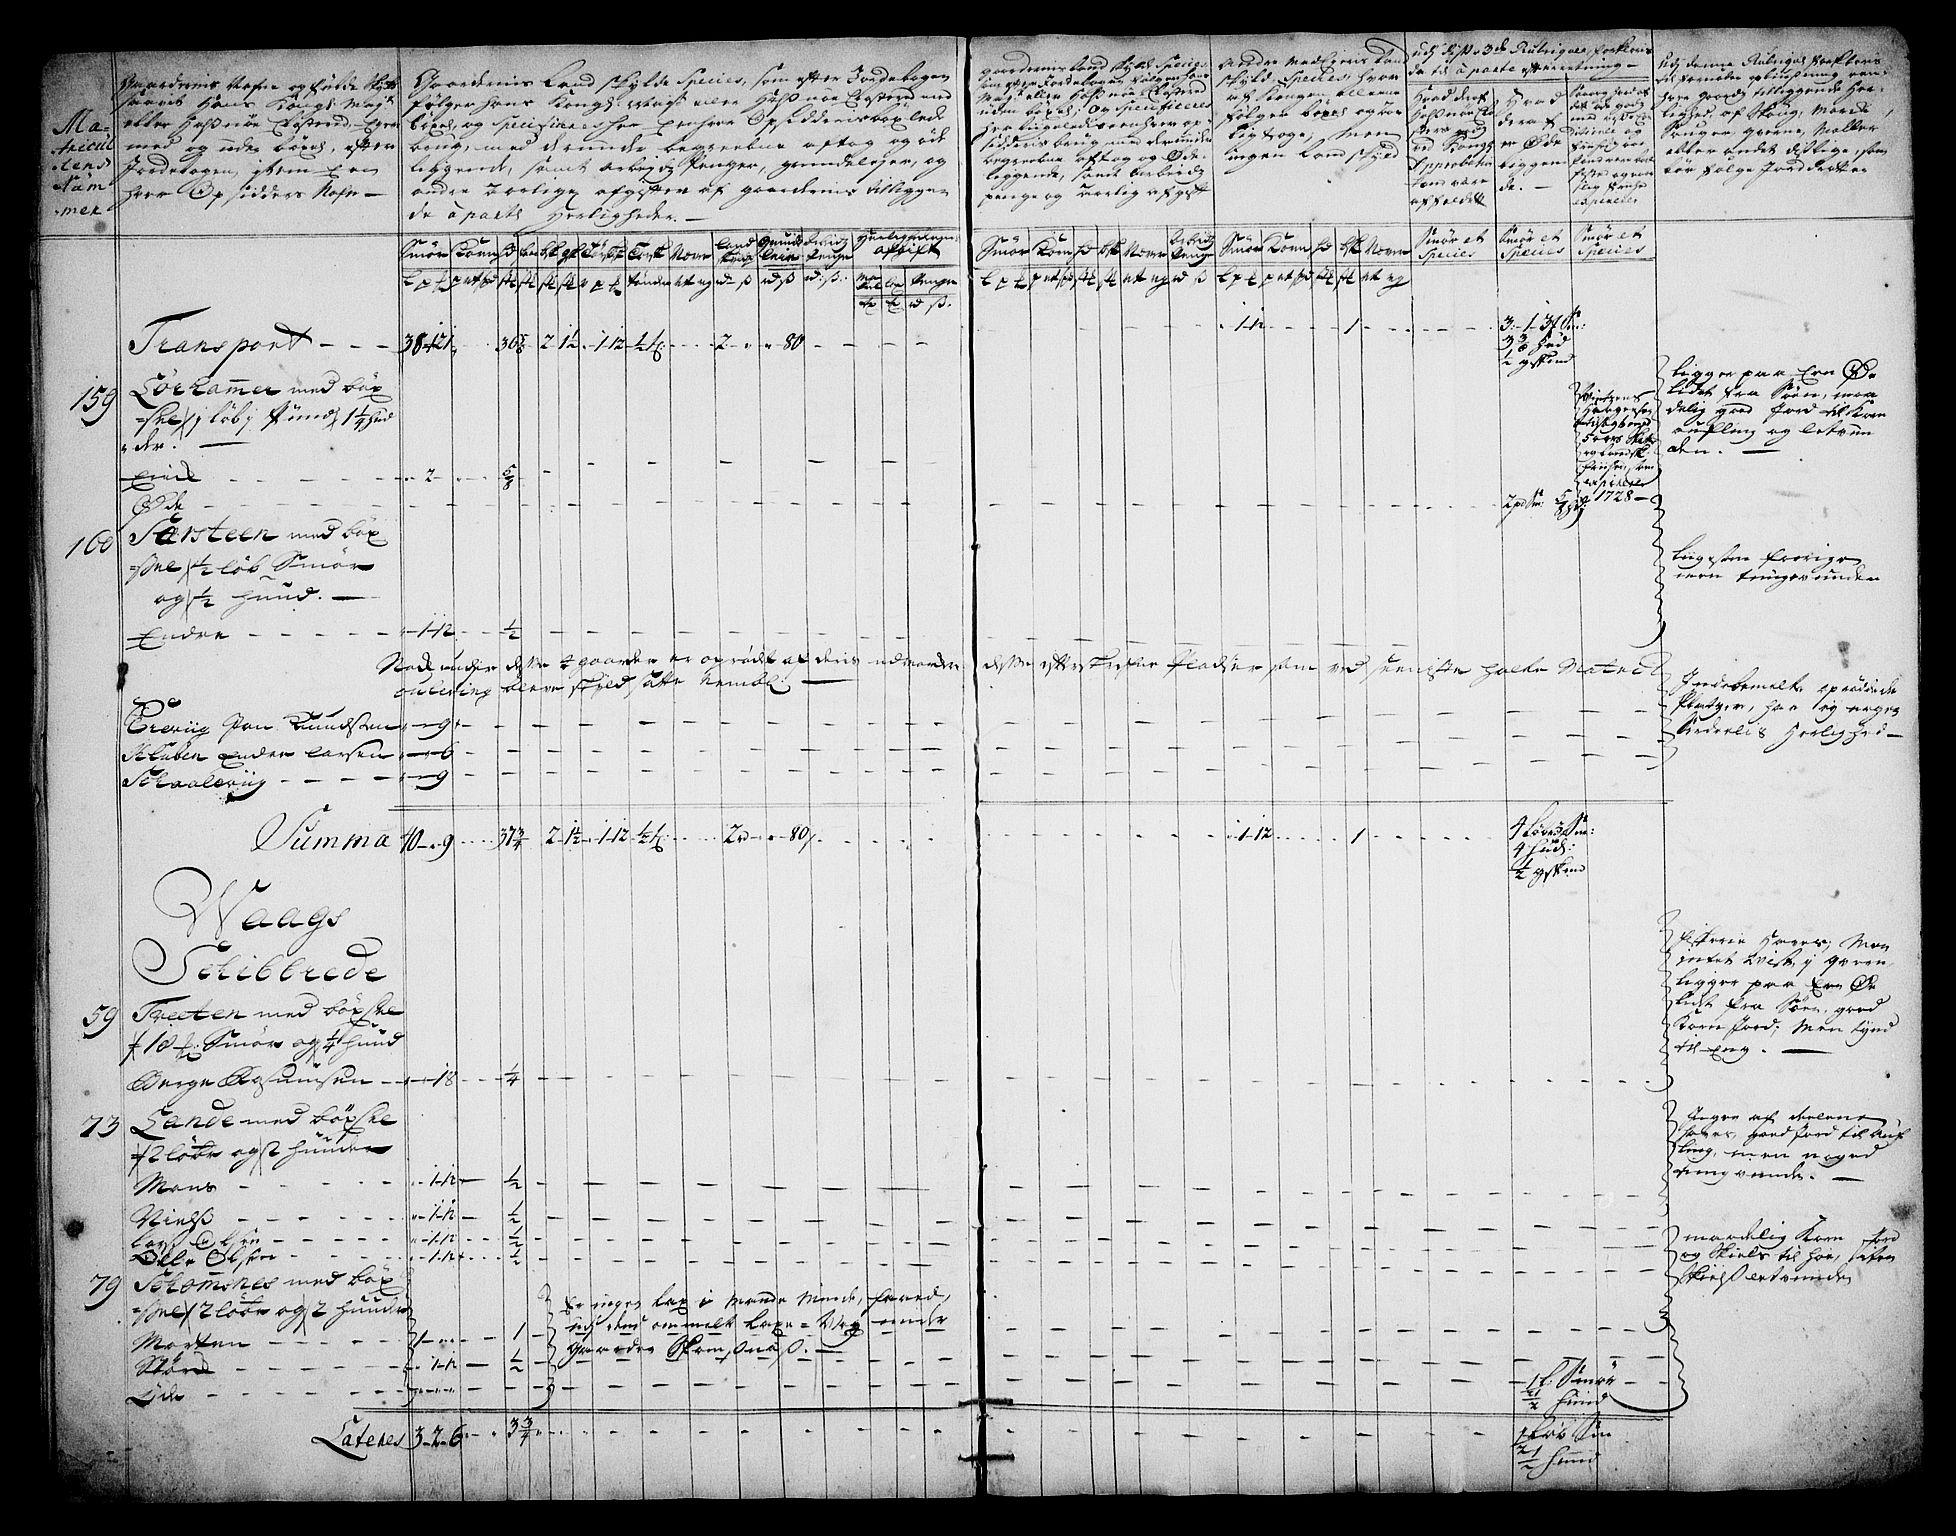 RA, Rentekammeret inntil 1814, Realistisk ordnet avdeling, On/L0003: [Jj 4]: Kommisjonsforretning over Vilhelm Hanssøns forpaktning av Halsnøy klosters gods, 1721-1729, s. 195